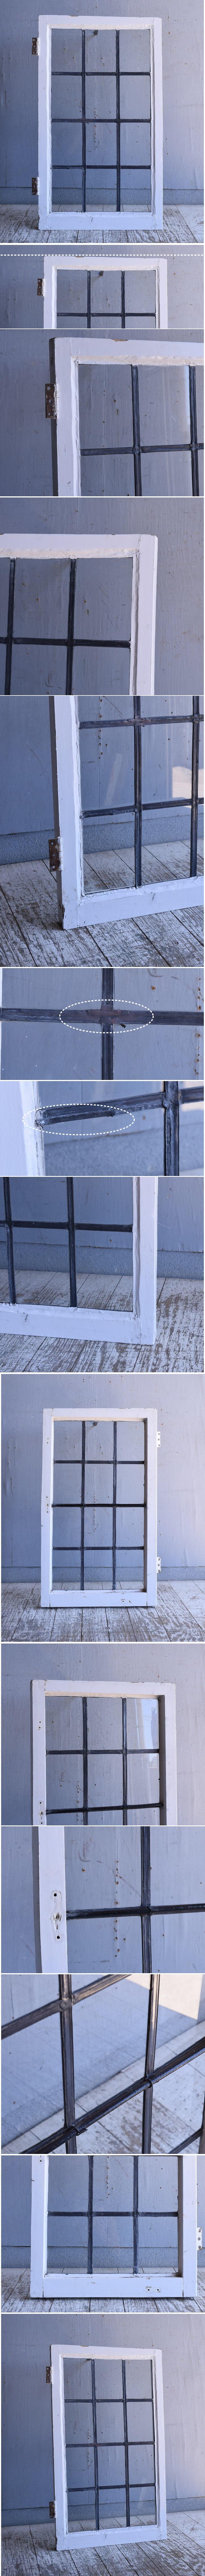 イギリス アンティーク 窓 無色透明 9549